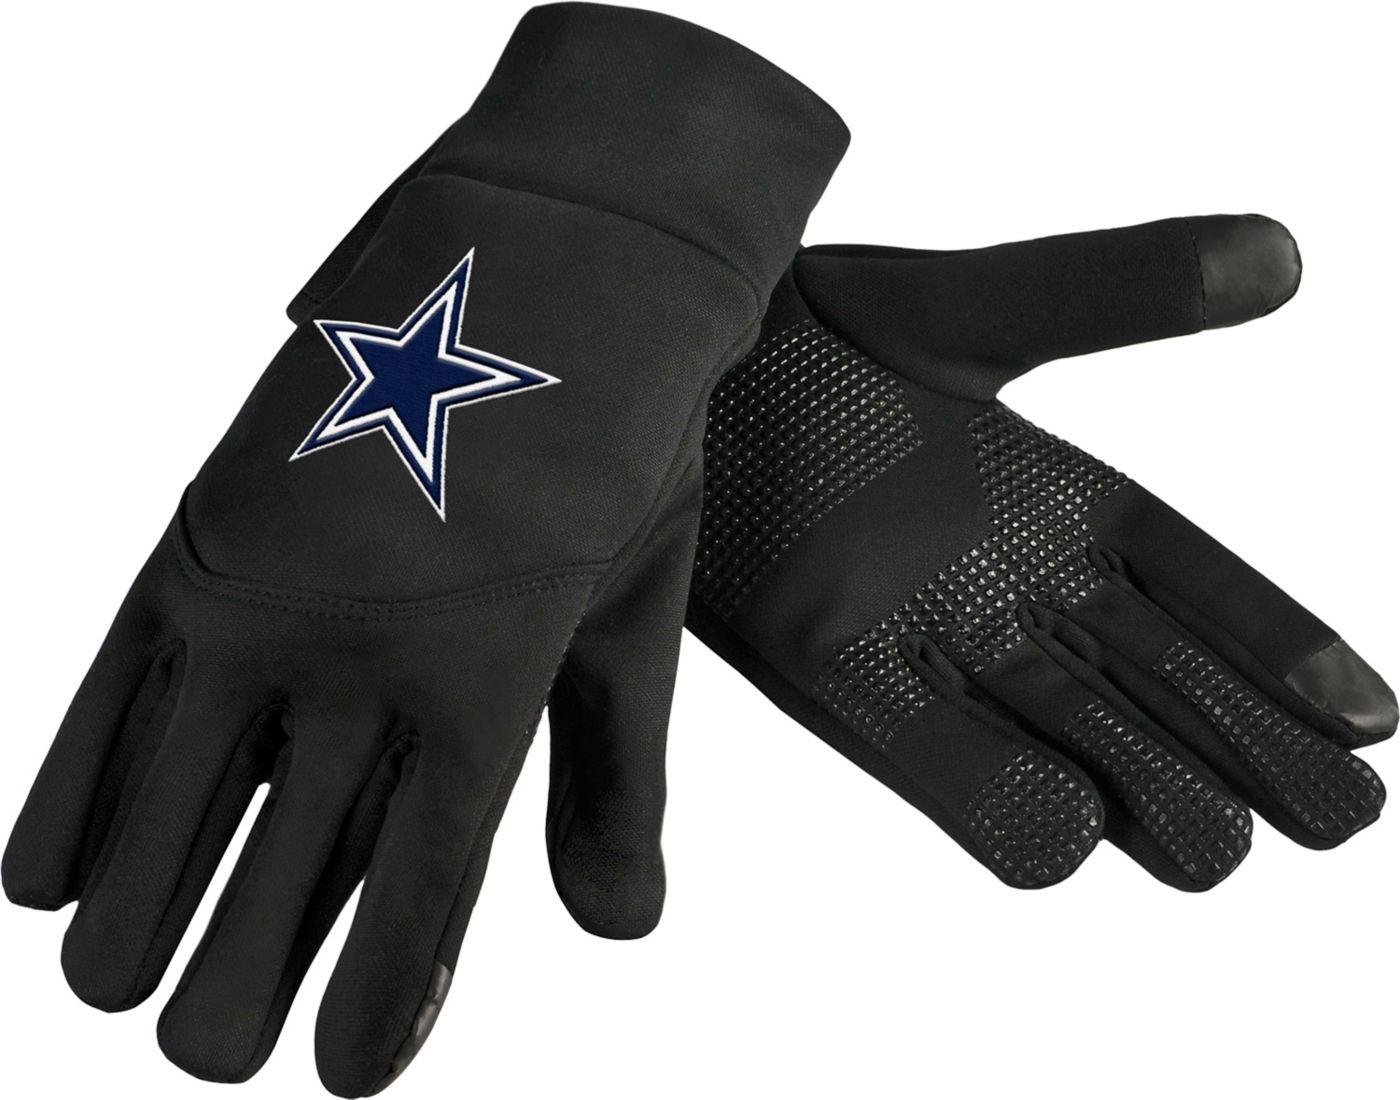 FOCO Dallas Cowboys Texting Gloves